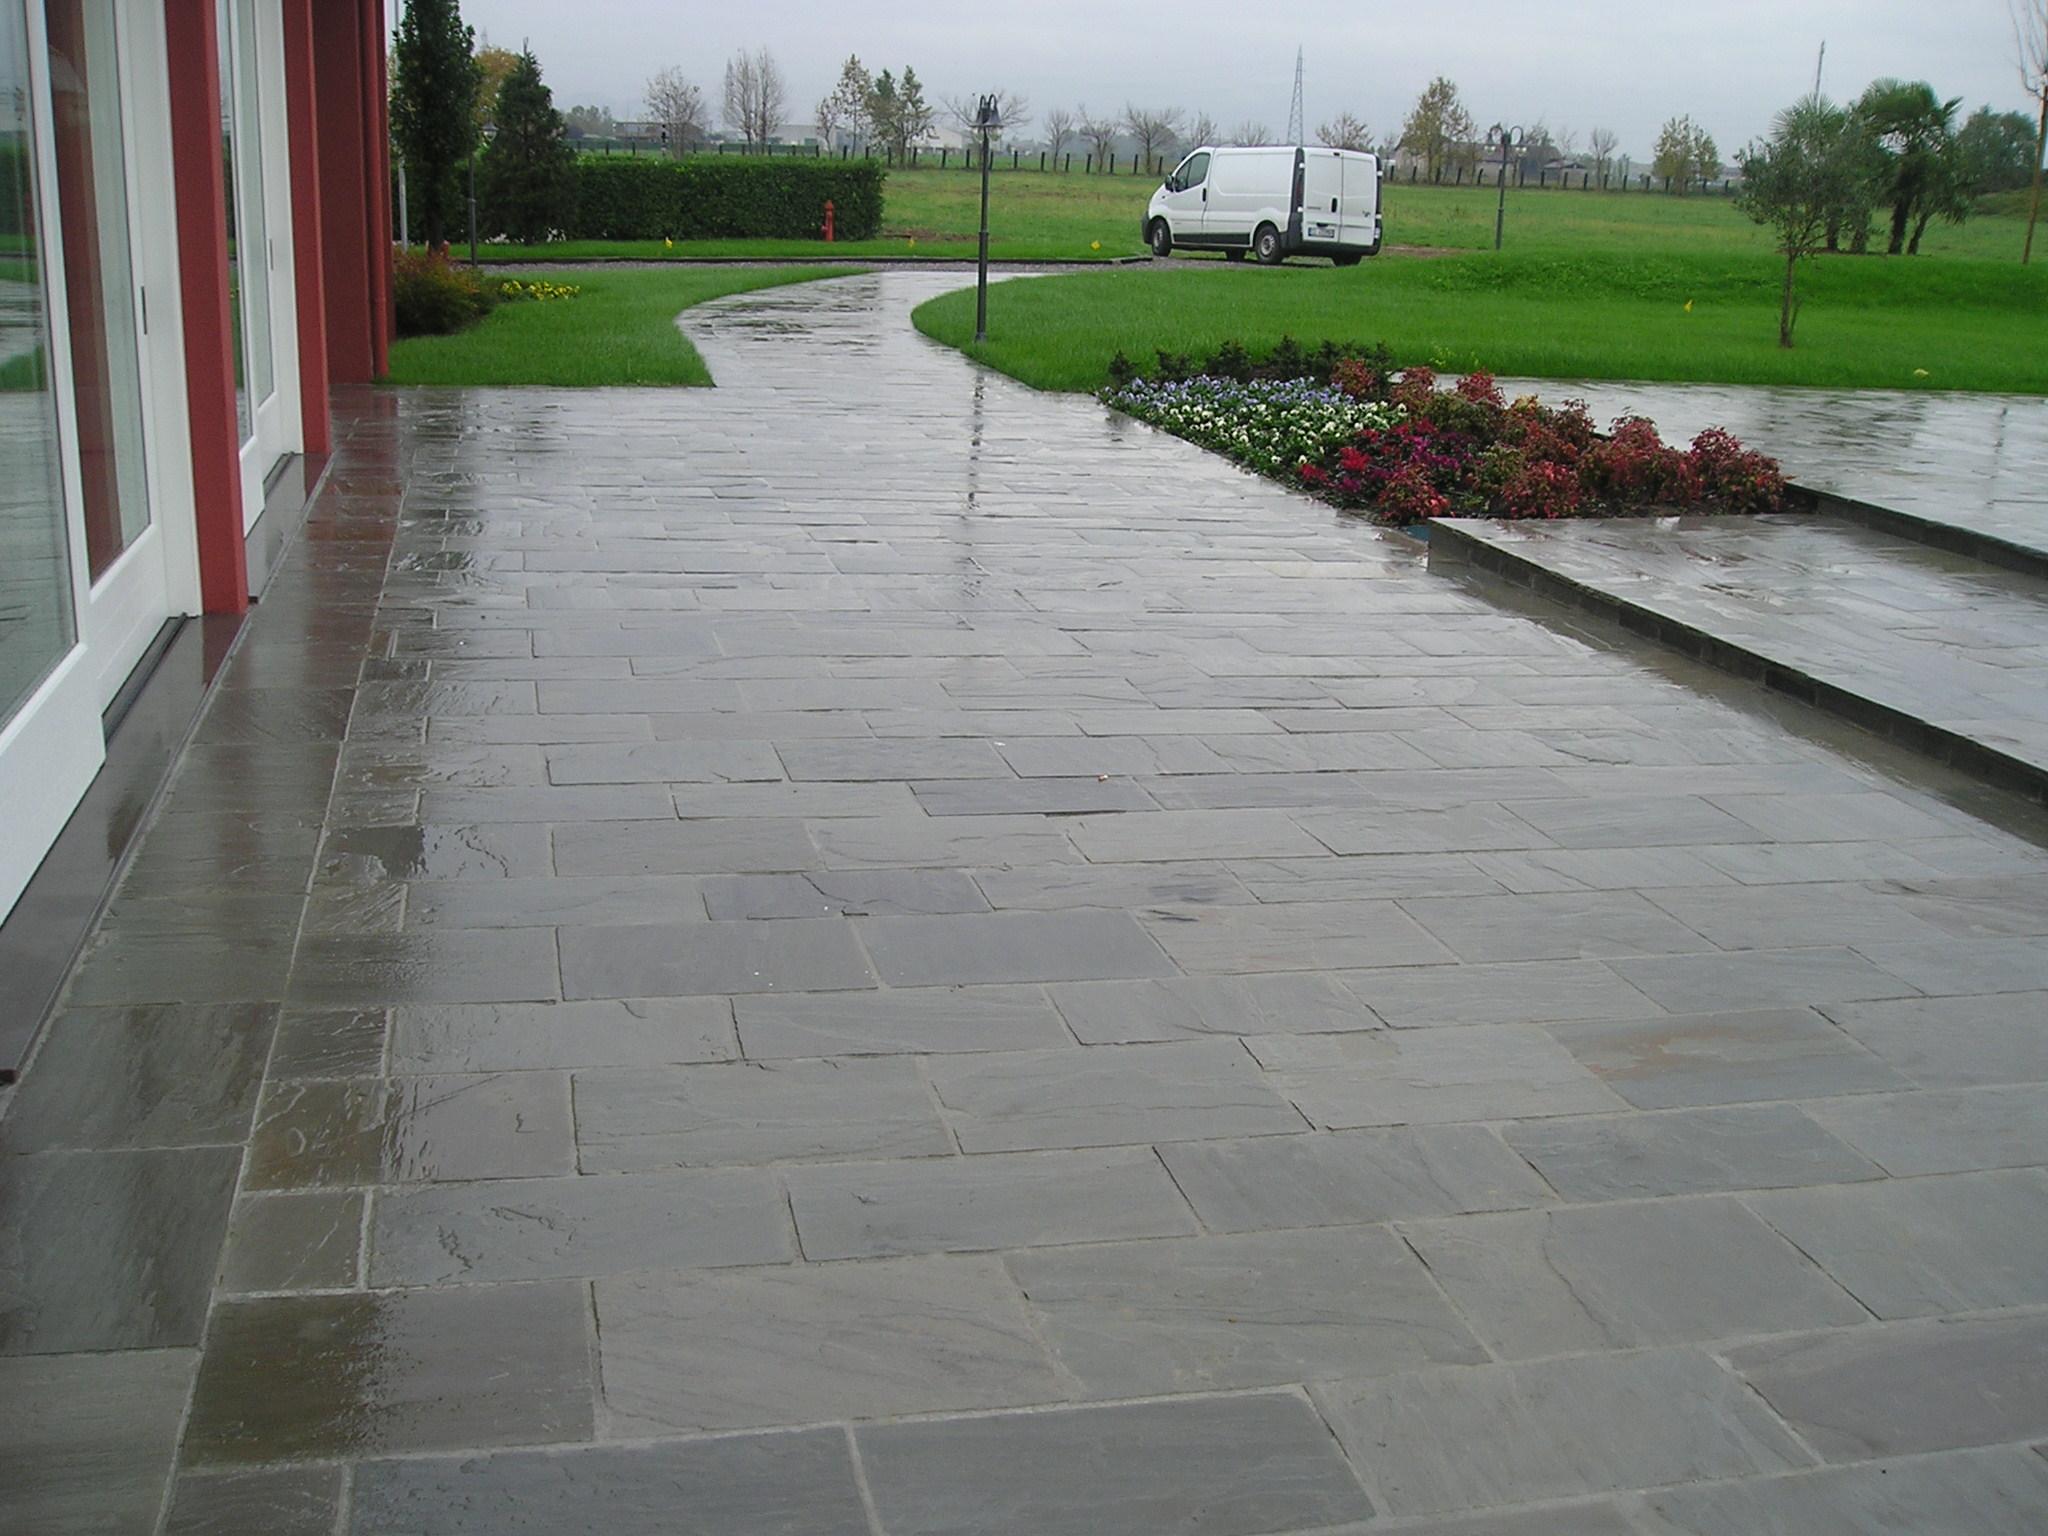 Casa moderna roma italy pavimenti per esterno in pietra - Pavimenti per esterno offerte ...